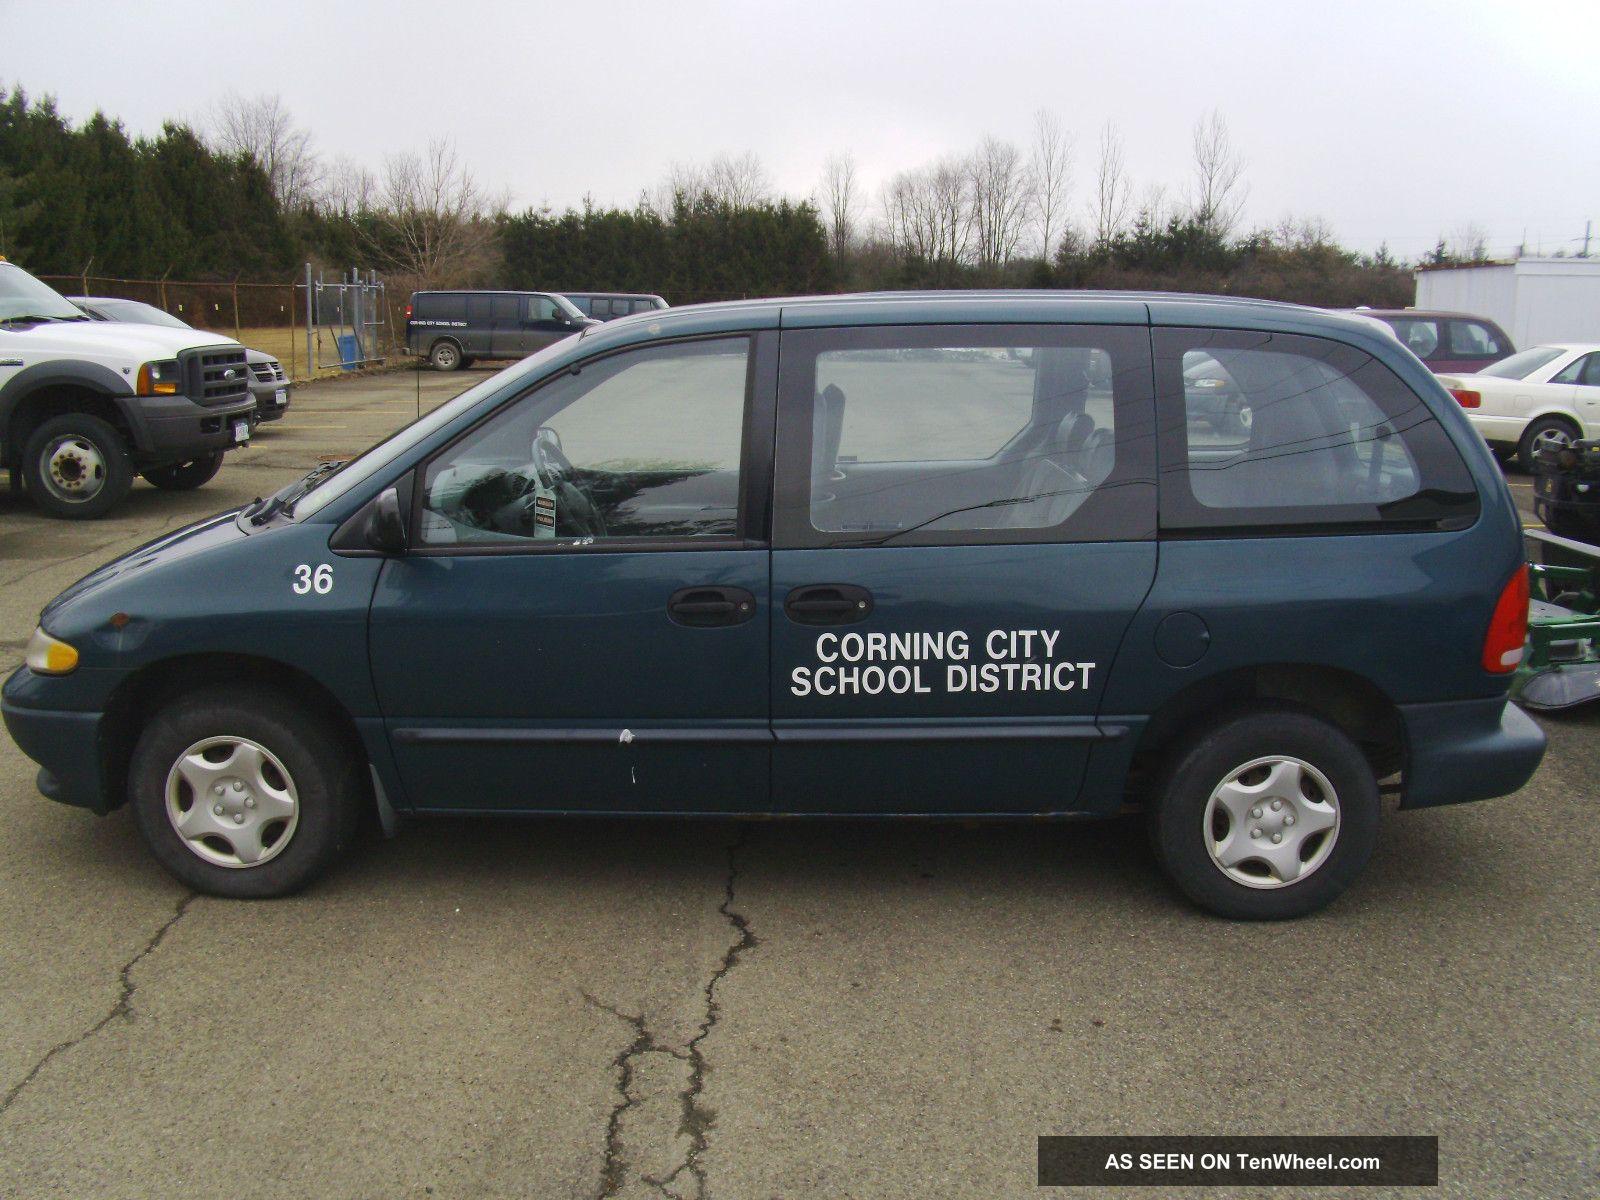 2000 dodge caravan 3 3l base 7 passenger van 4 door teal for 2000 dodge caravan window motor